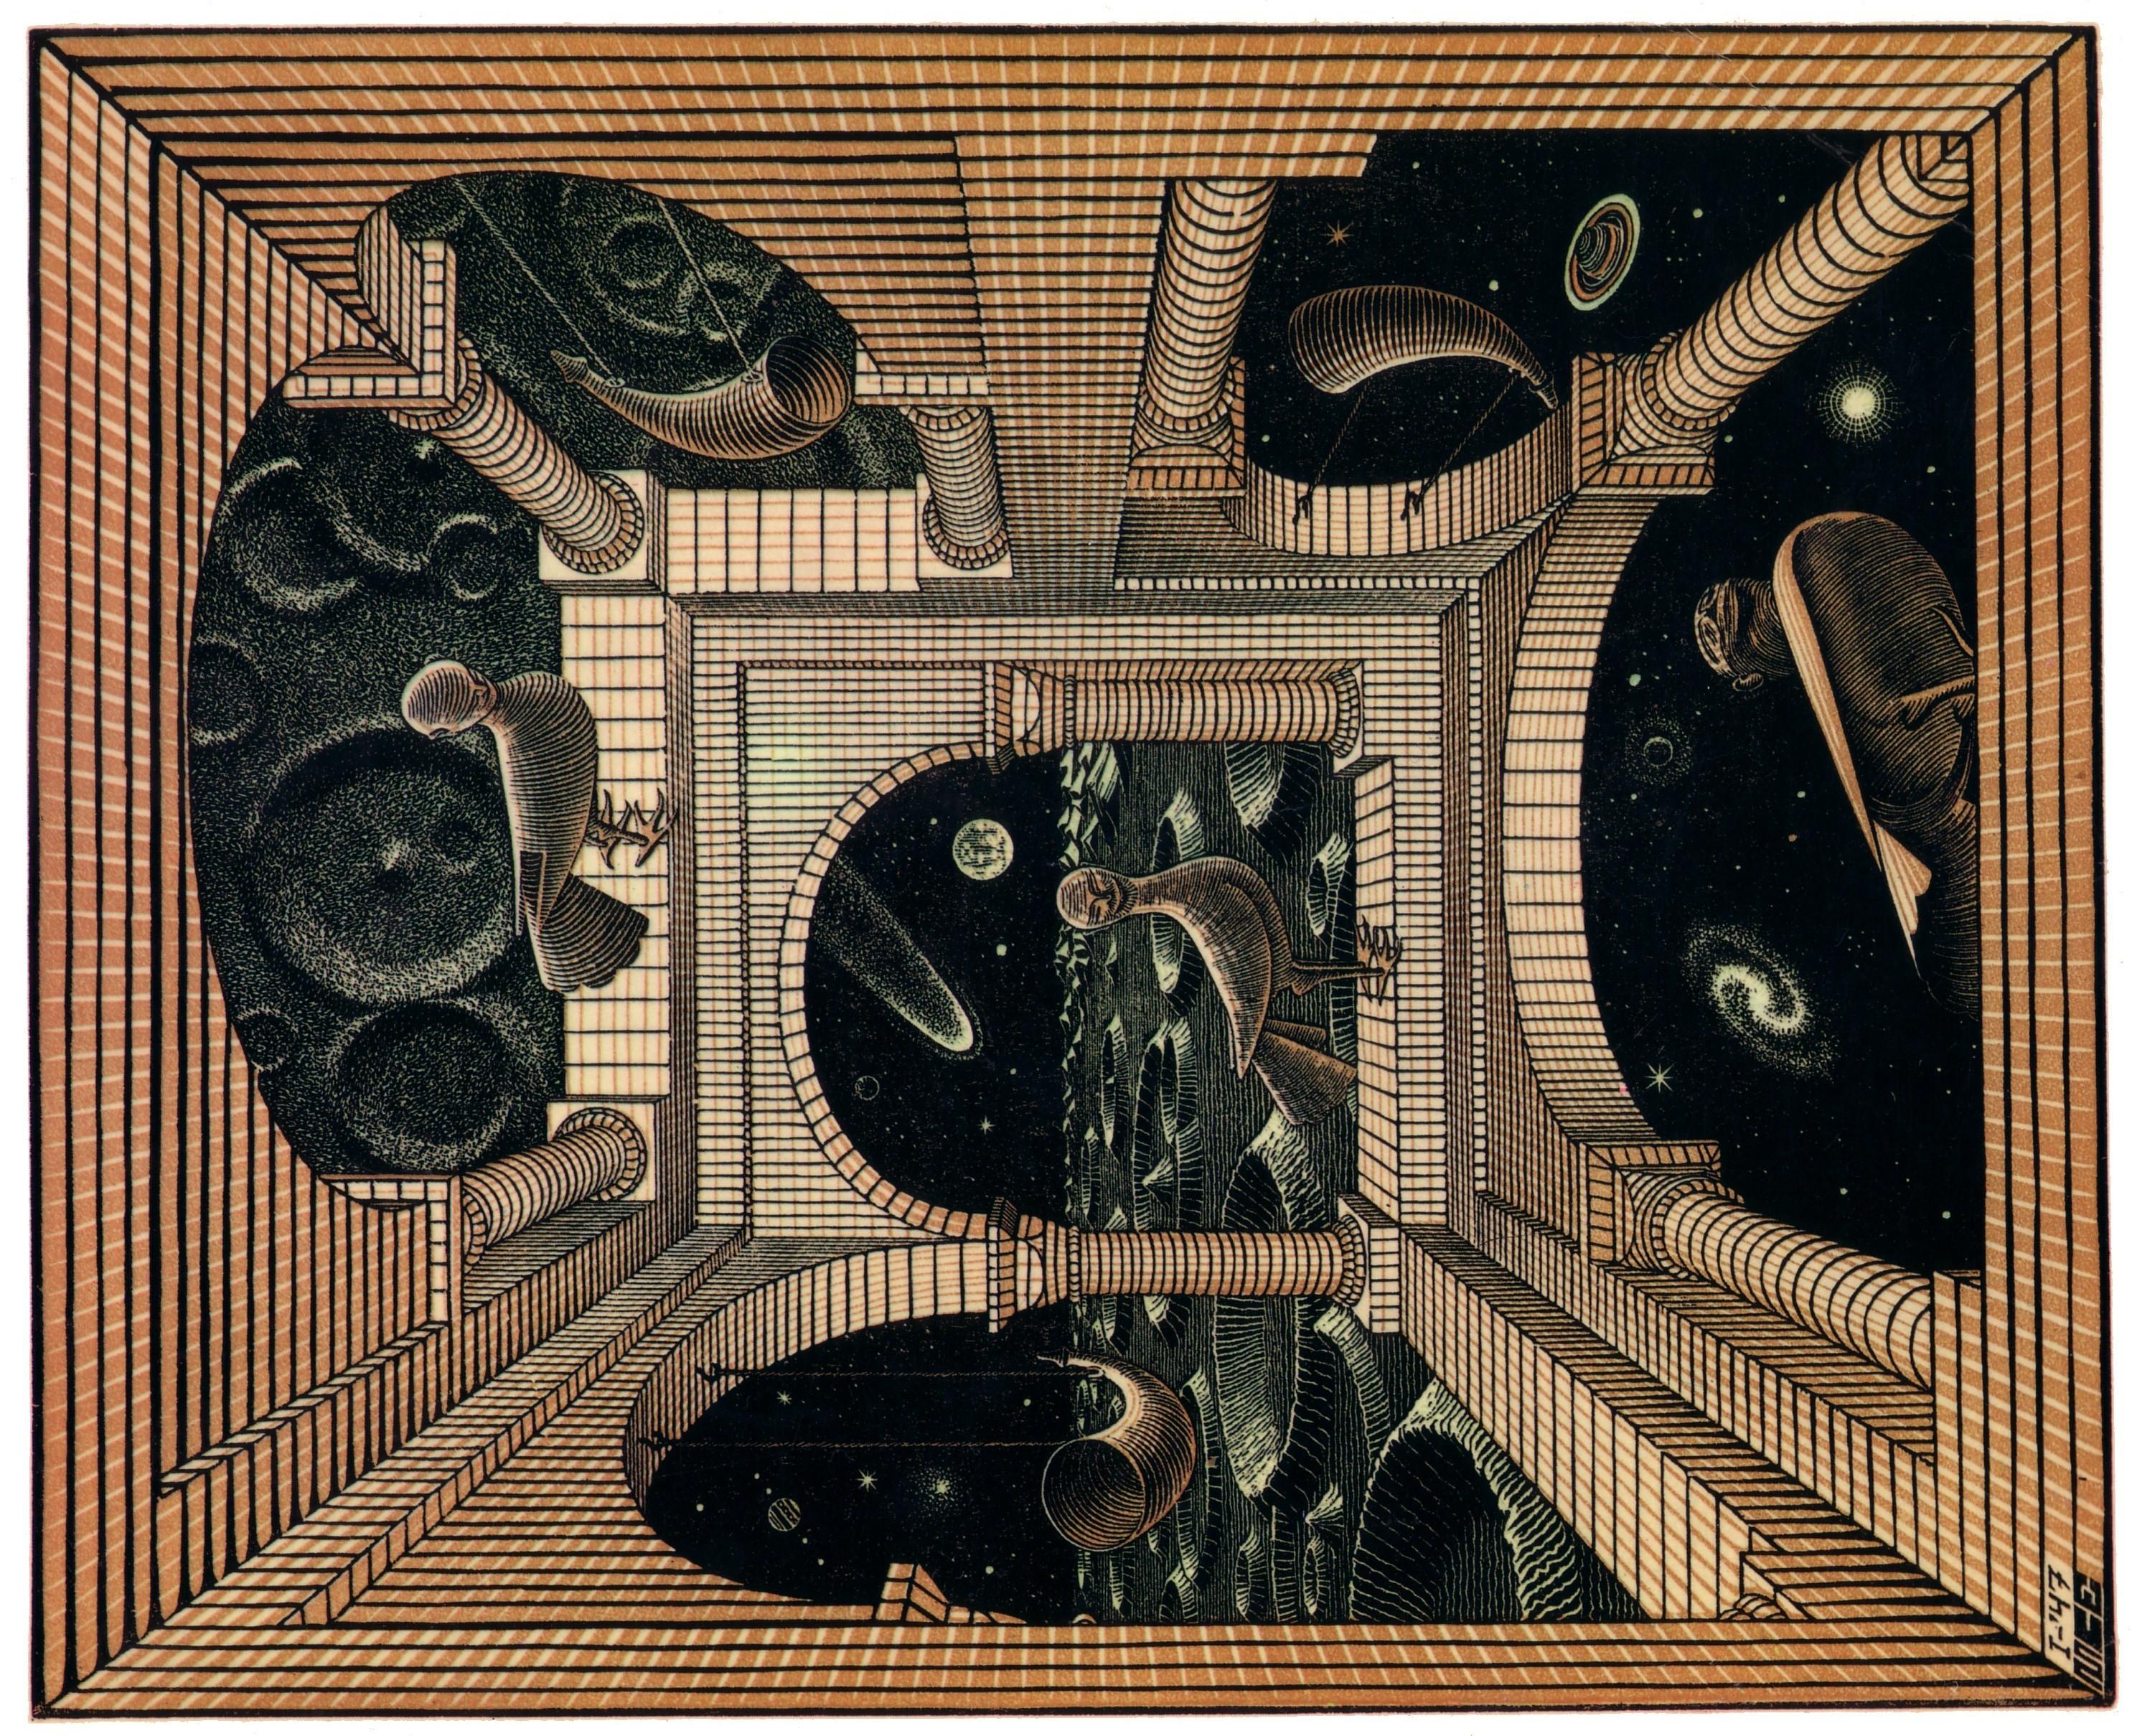 デスクトップ壁紙 ペインティング 図 木材 パターン 錯視 エッシャー アート アンティーク 家具 彫刻 古代の歴史 額縁 タペストリー 2971x2419 Microcosmos 498 デスクトップ壁紙 Wallhere